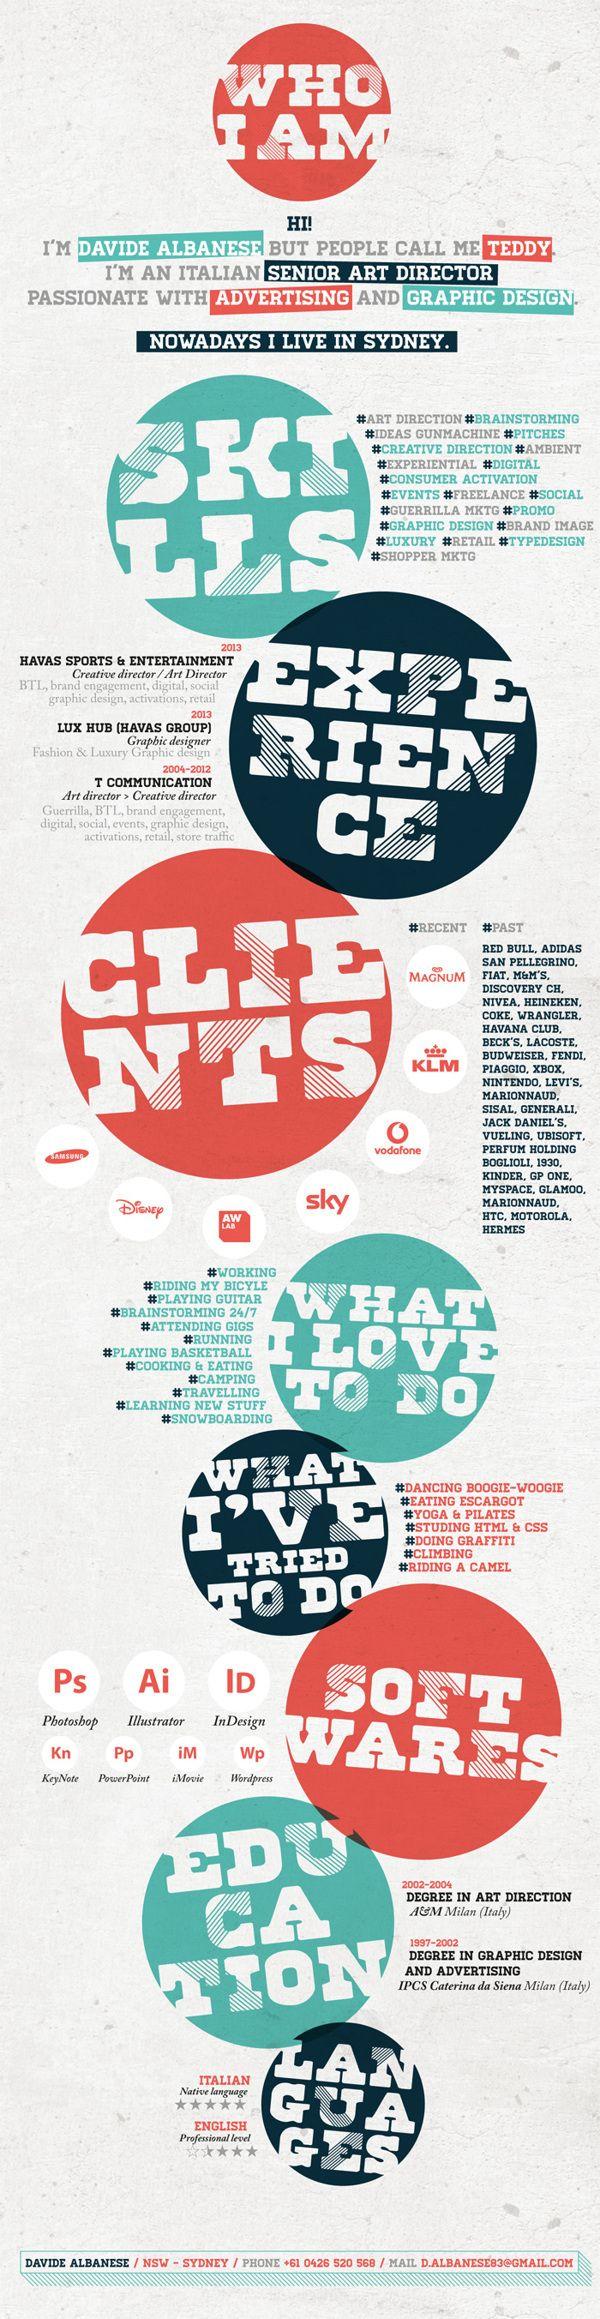 18 best Resume Design images on Pinterest | Resume design, Design ...